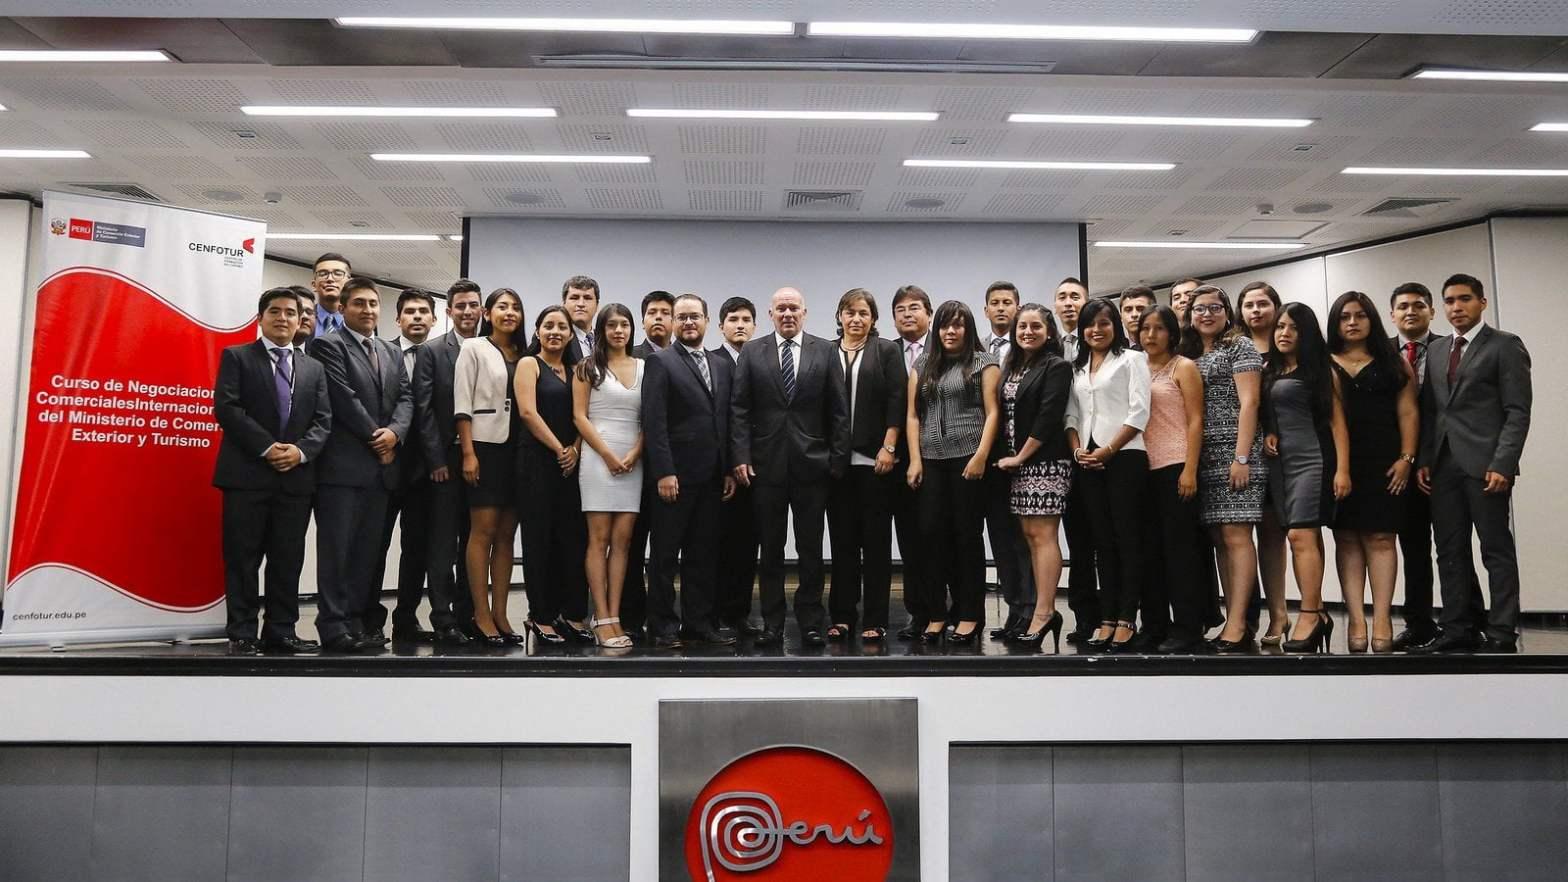 Mincetur: Estudiantes y egresados universitarios y culminaron con éxito curso de Negociaciones